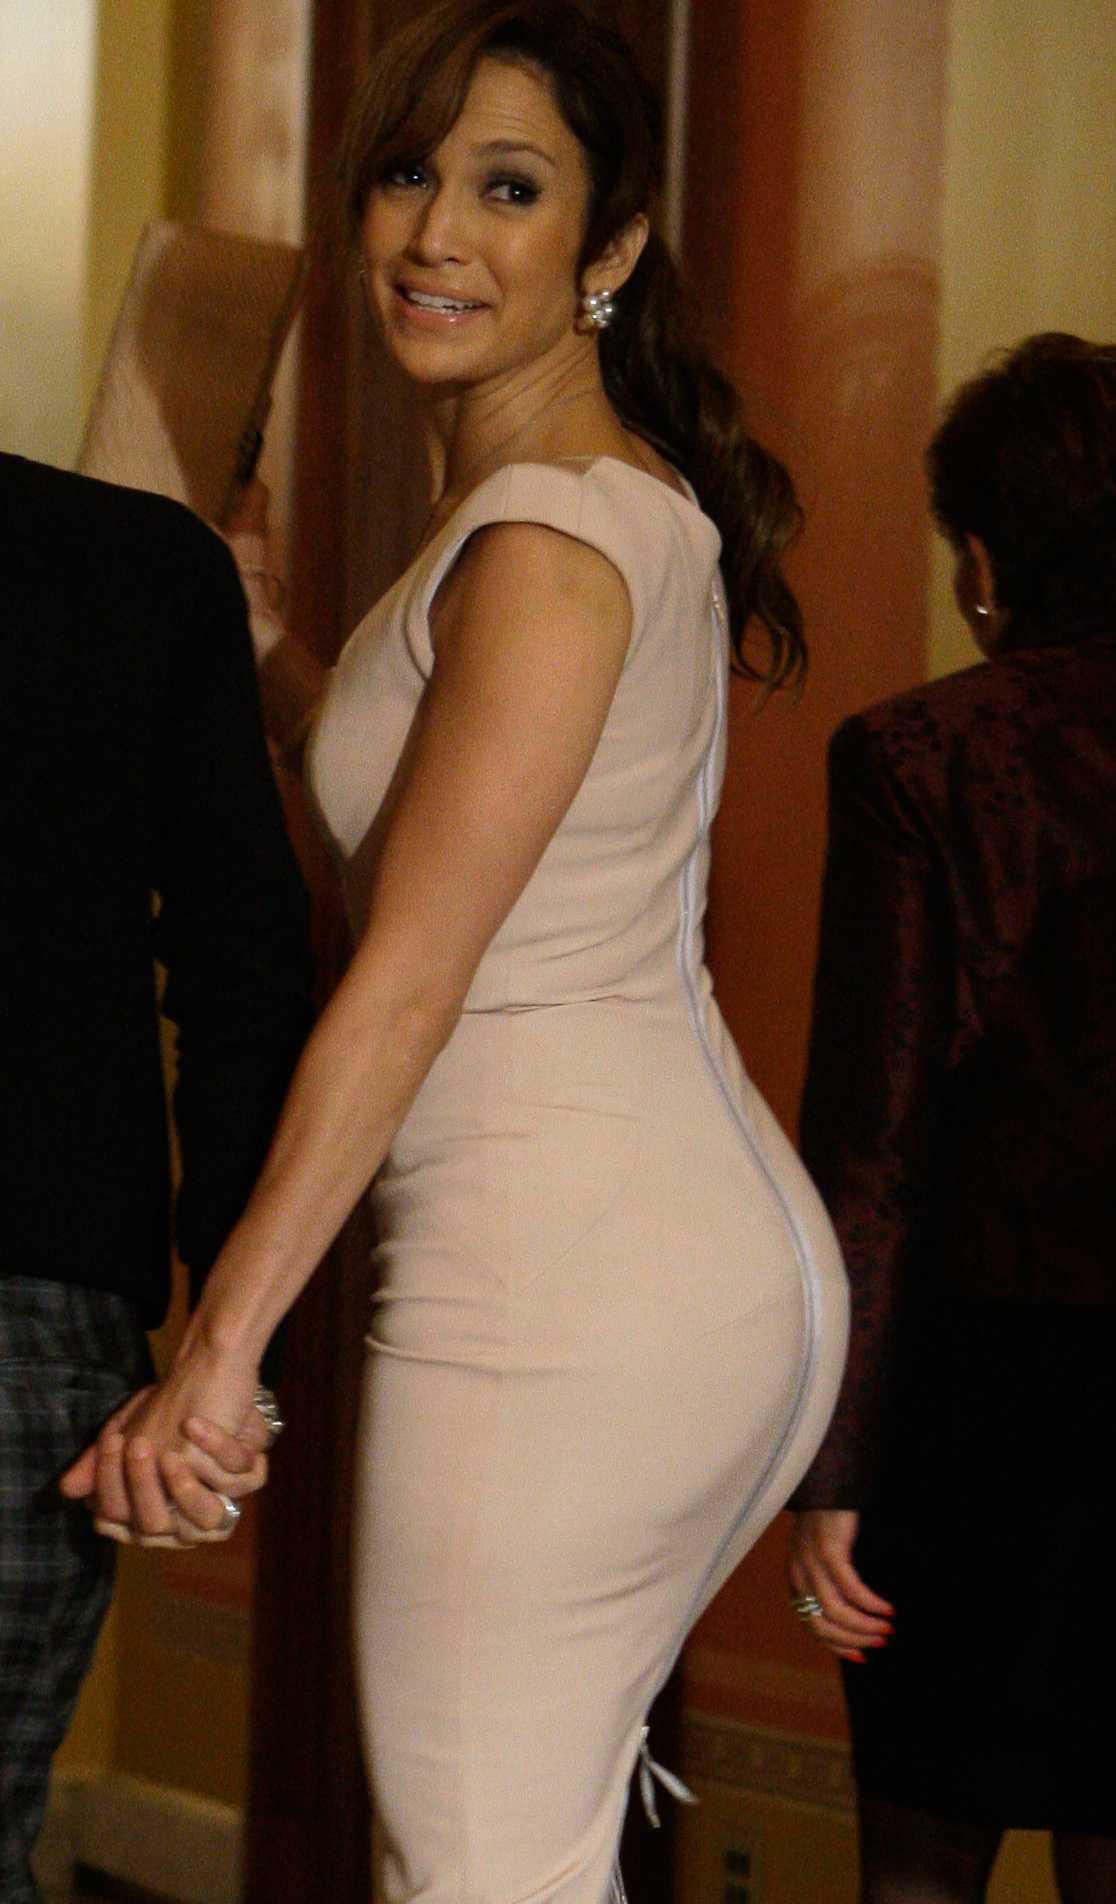 Jennifer Lopez kan skatta sig lycklig – med den baksidan är risken för hjärtsjukdomar och diabetes låg.